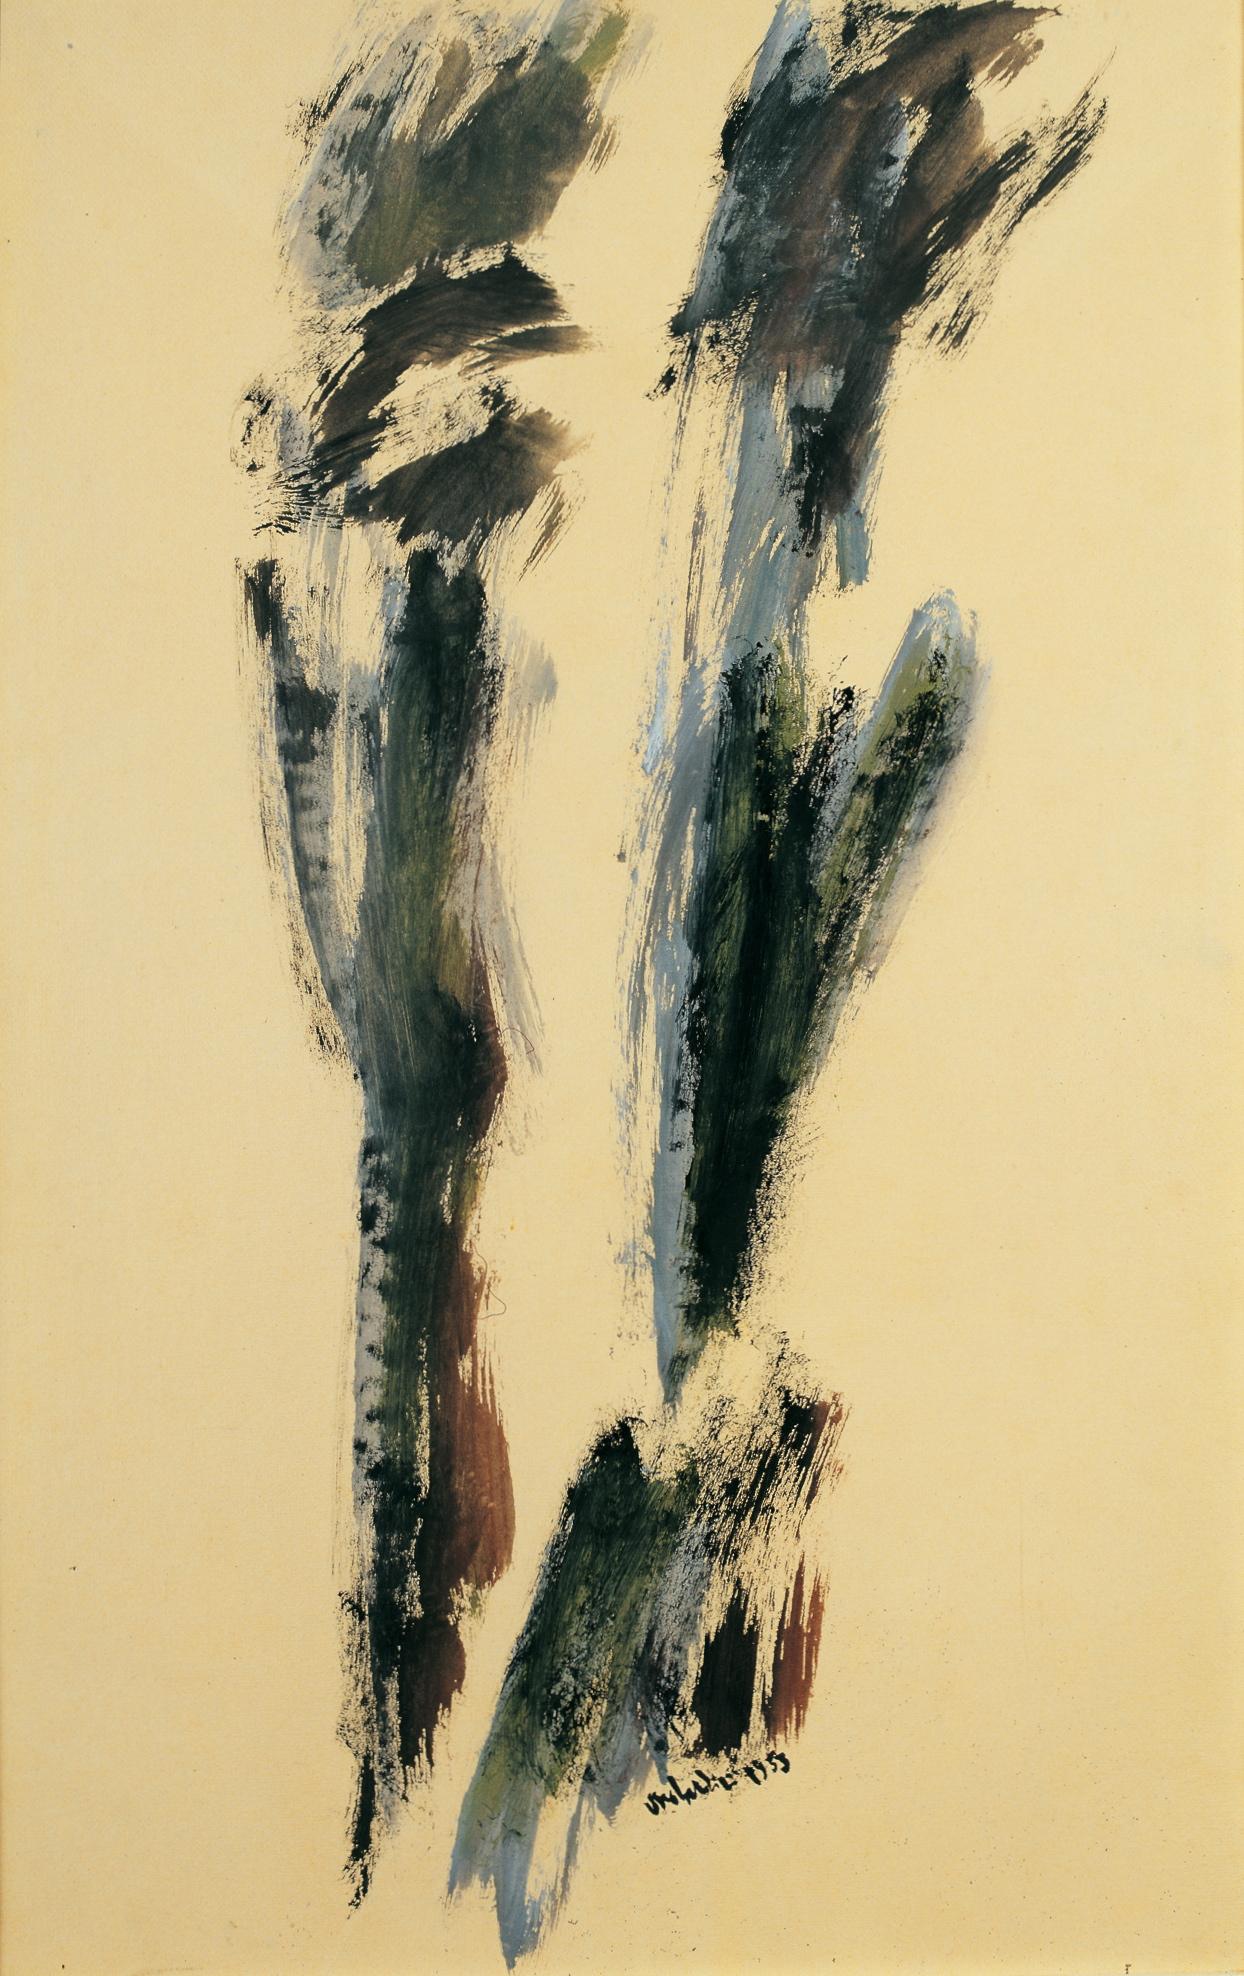 """senza titolo, dalla serie """"I segni segreti"""", 1953, tempera su carta intelata, cm 76 x 49,5  untitled, from the series """"I segni segreti"""", 1953, tempera on canvassed paper, cm 76 x 49,5"""